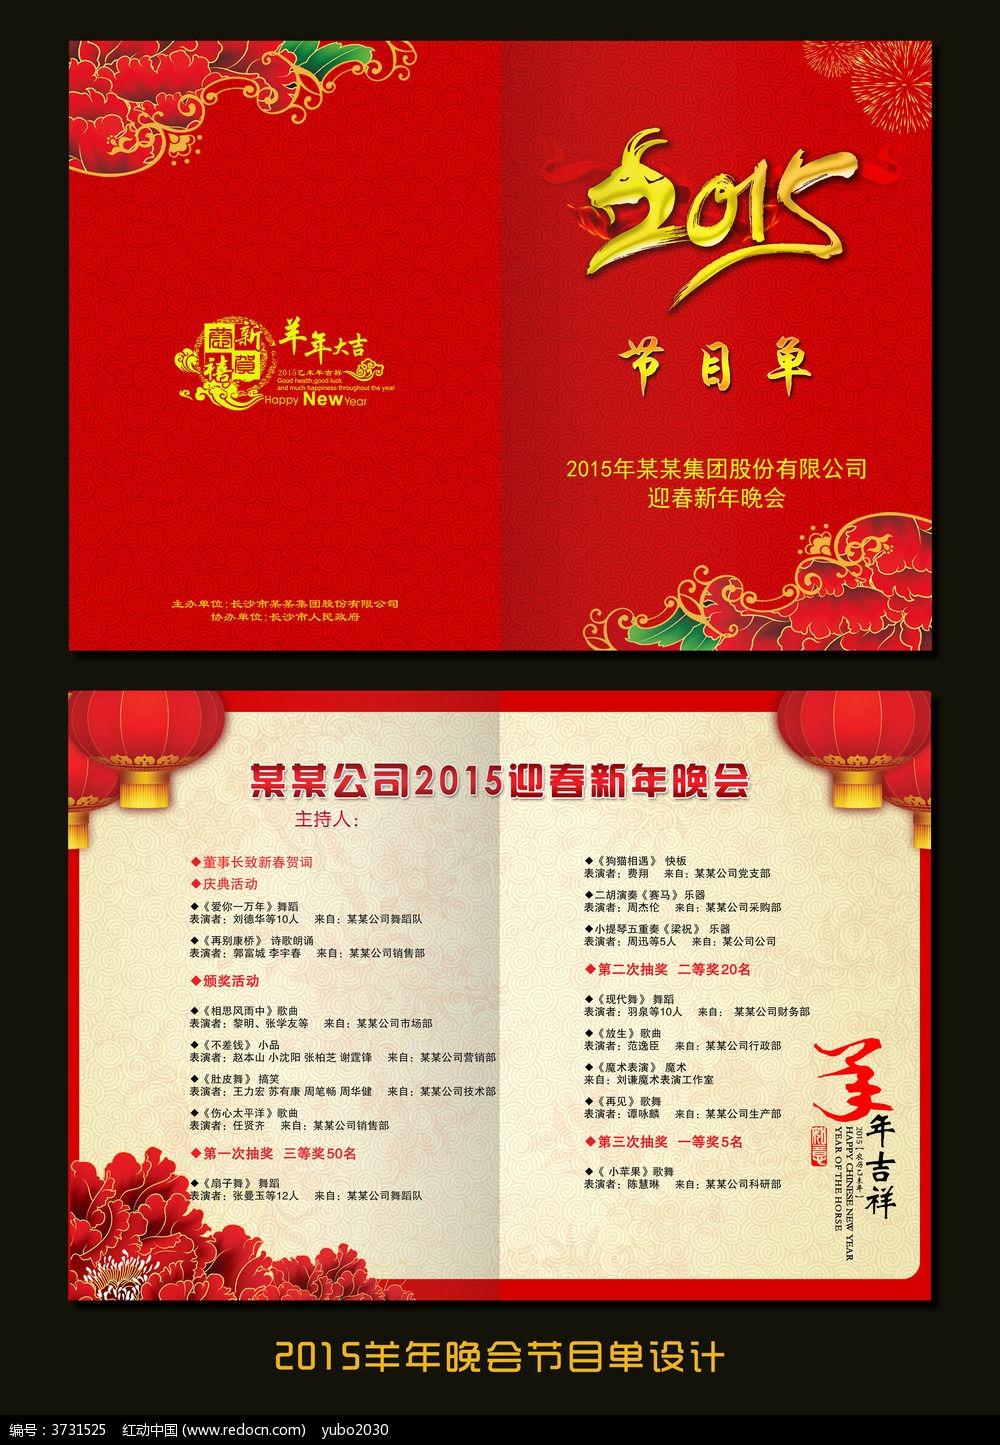 2015年春节晚会节目单图片